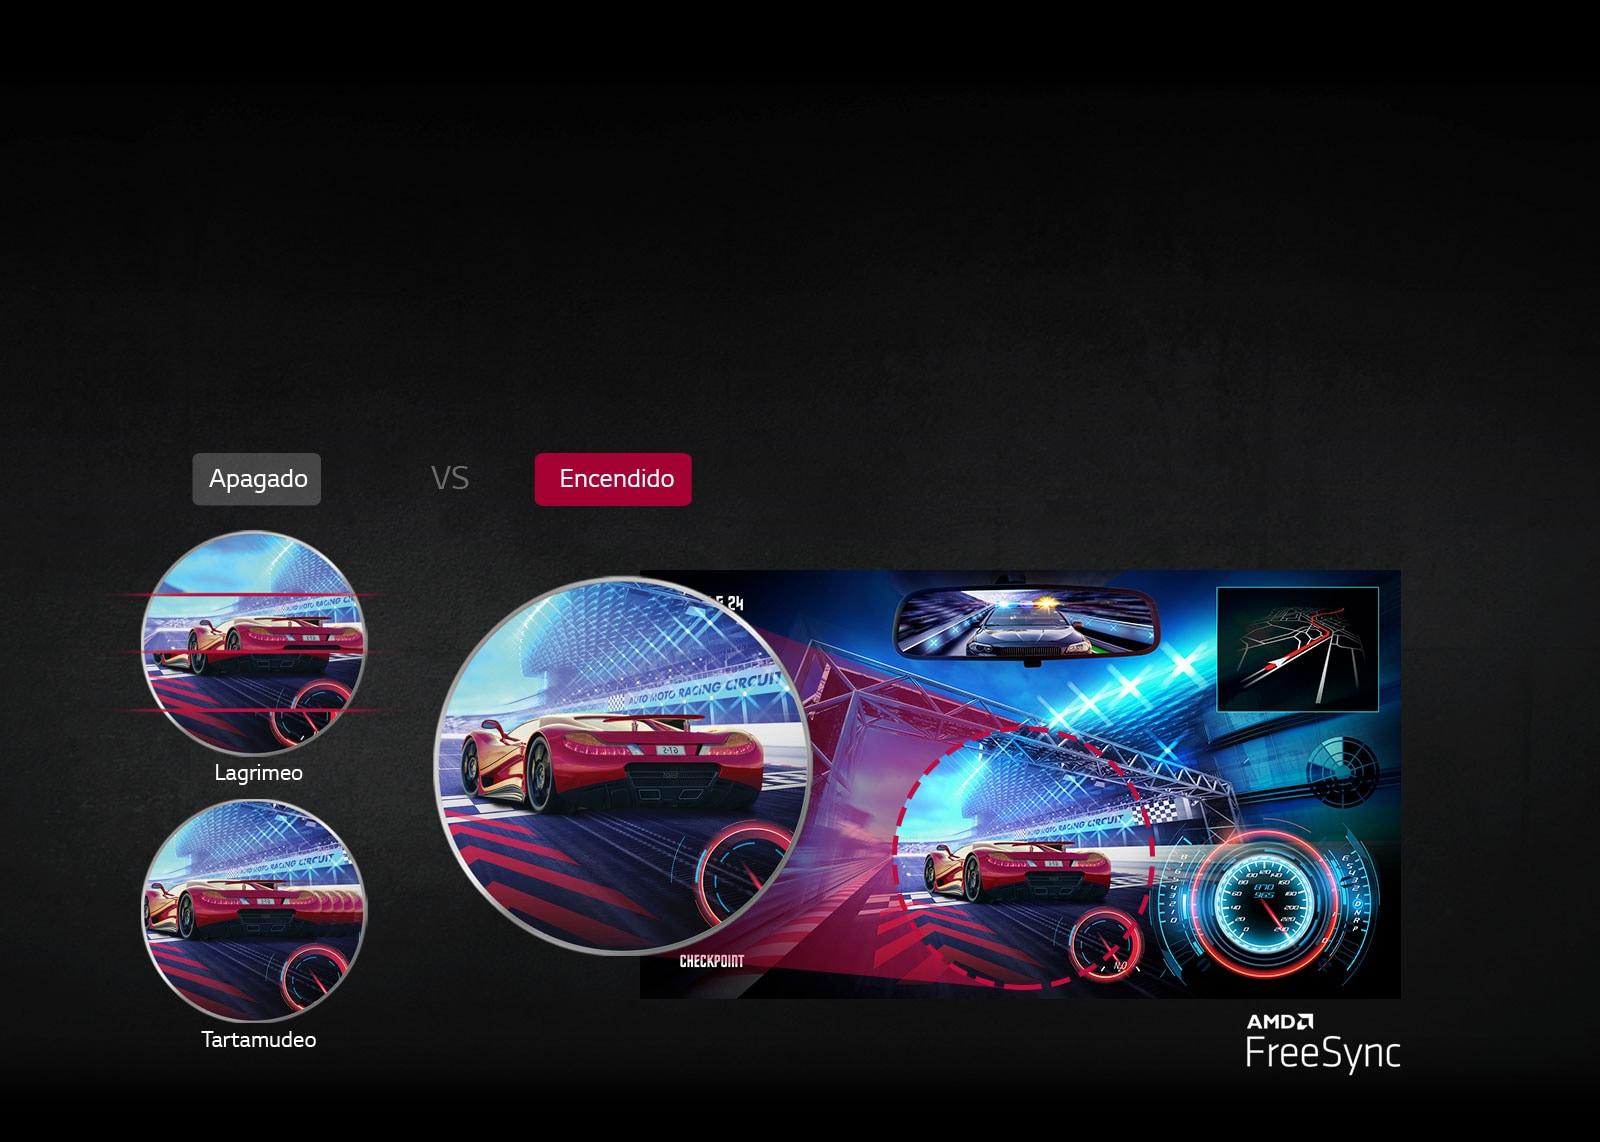 AMD FreeSync™: imagen más clara y suave